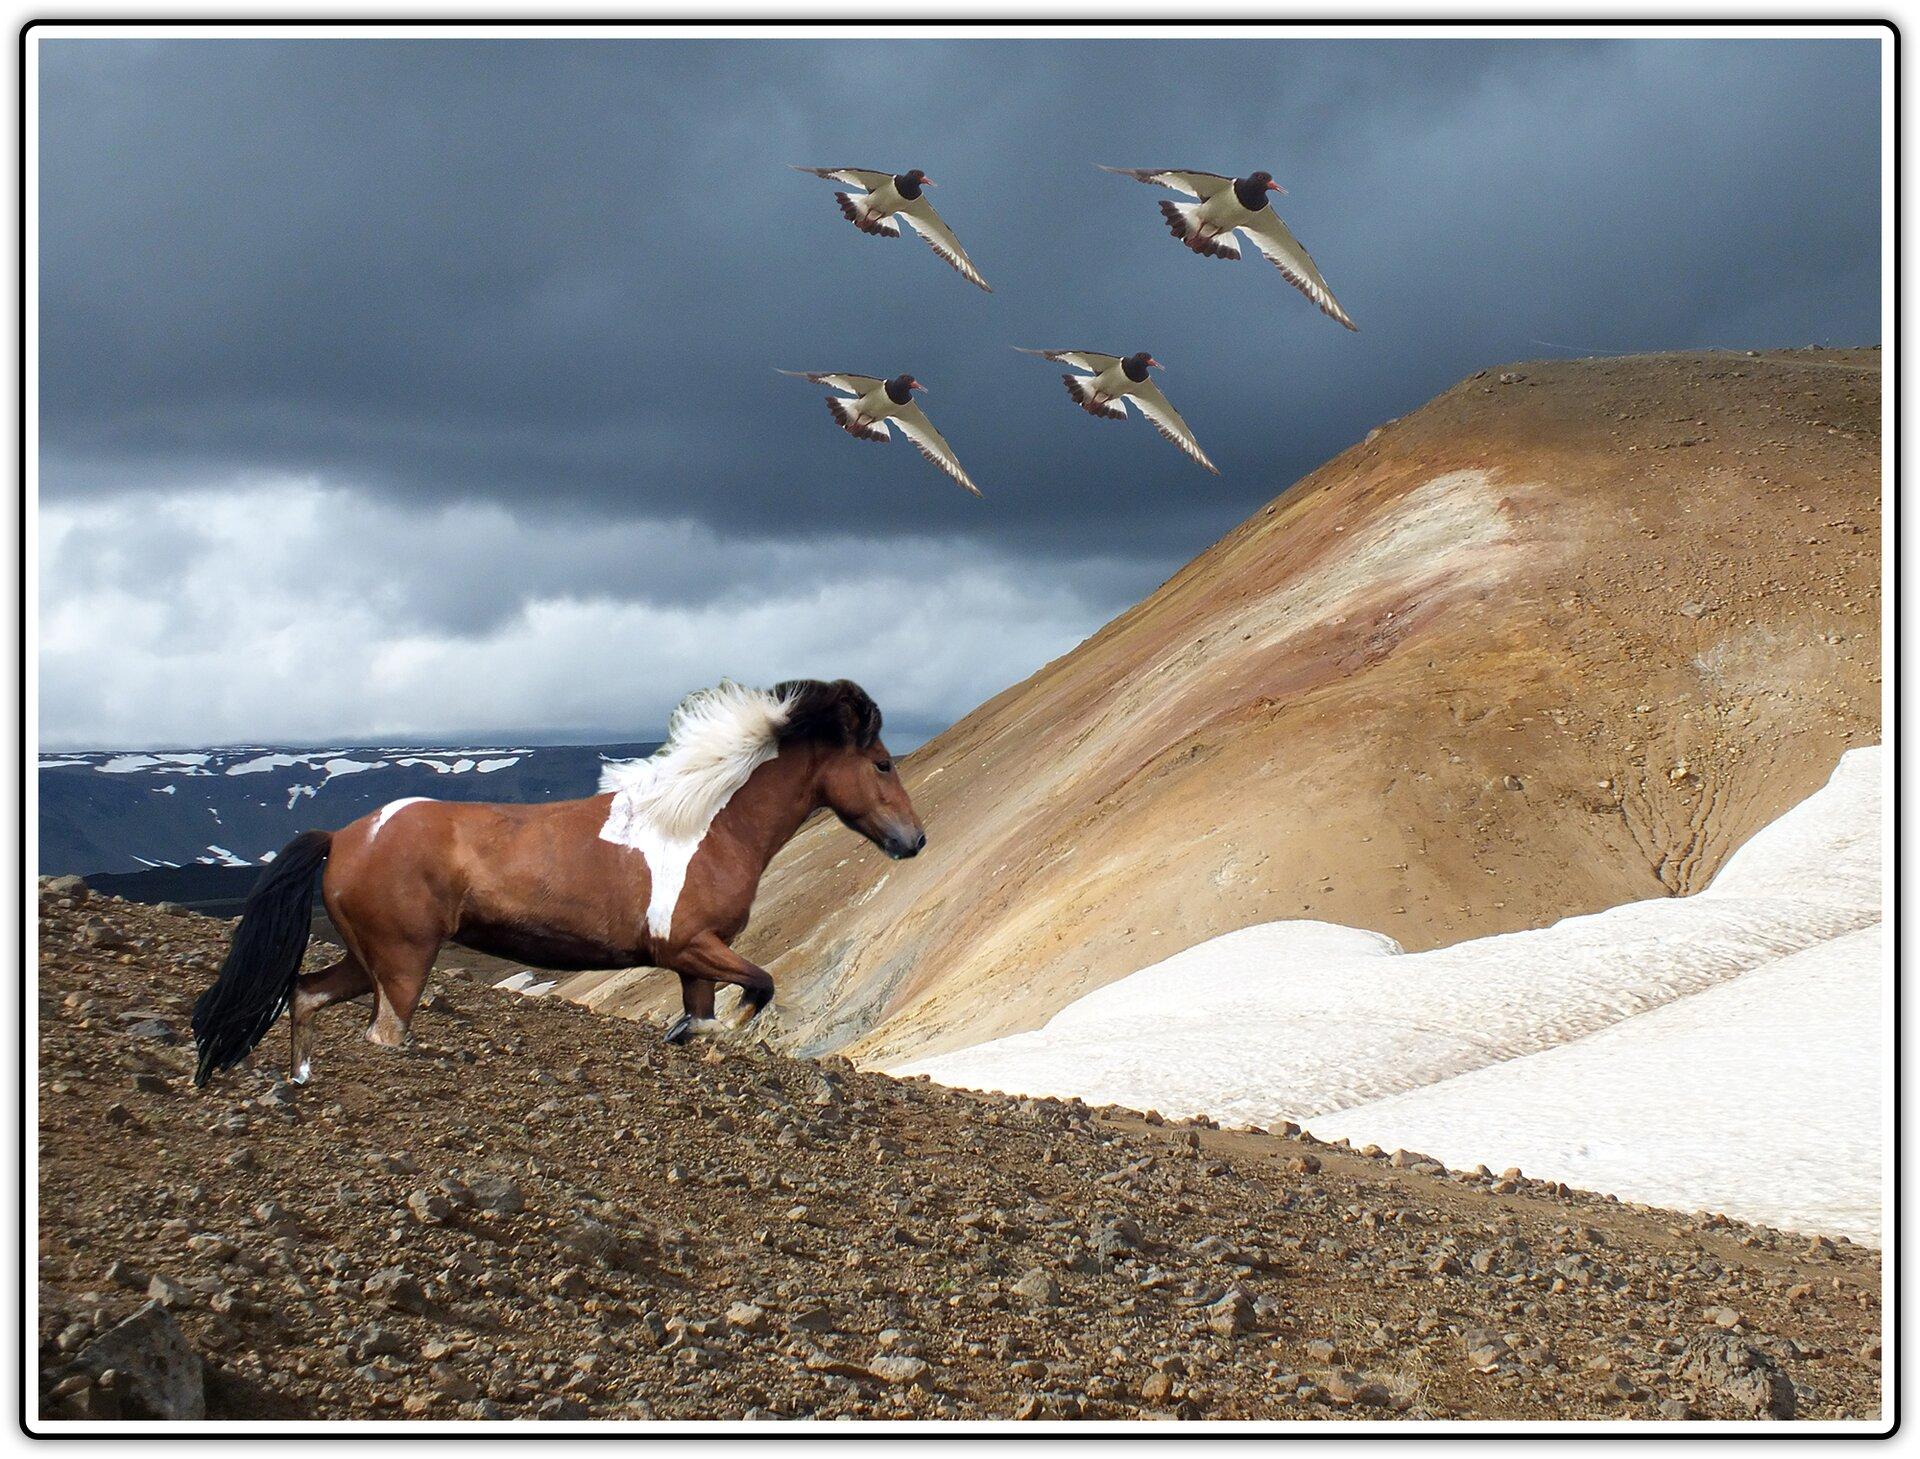 Fotografia po fotomontażu przedstawiająca widok gór, konia islandzkiego icztery ptaki